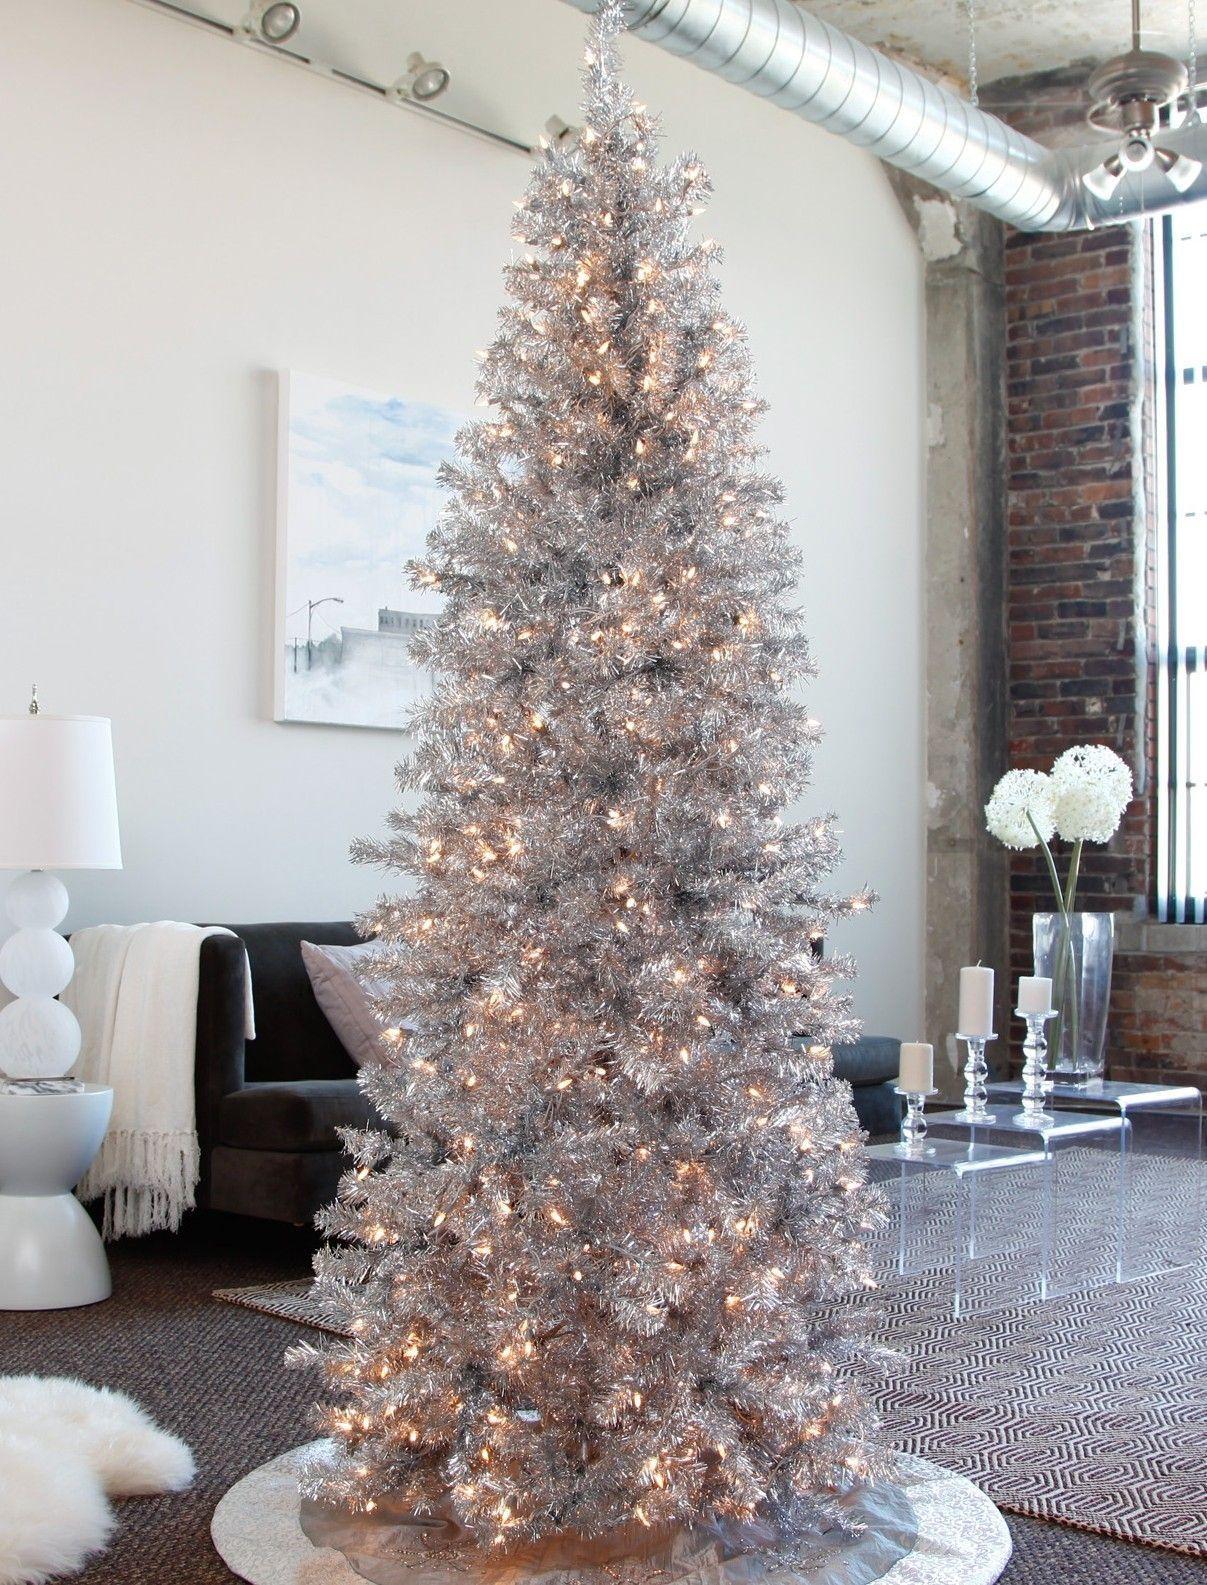 decorar arvore natal simples:Um guia completo para você deixar sua casa linda e preparada para as